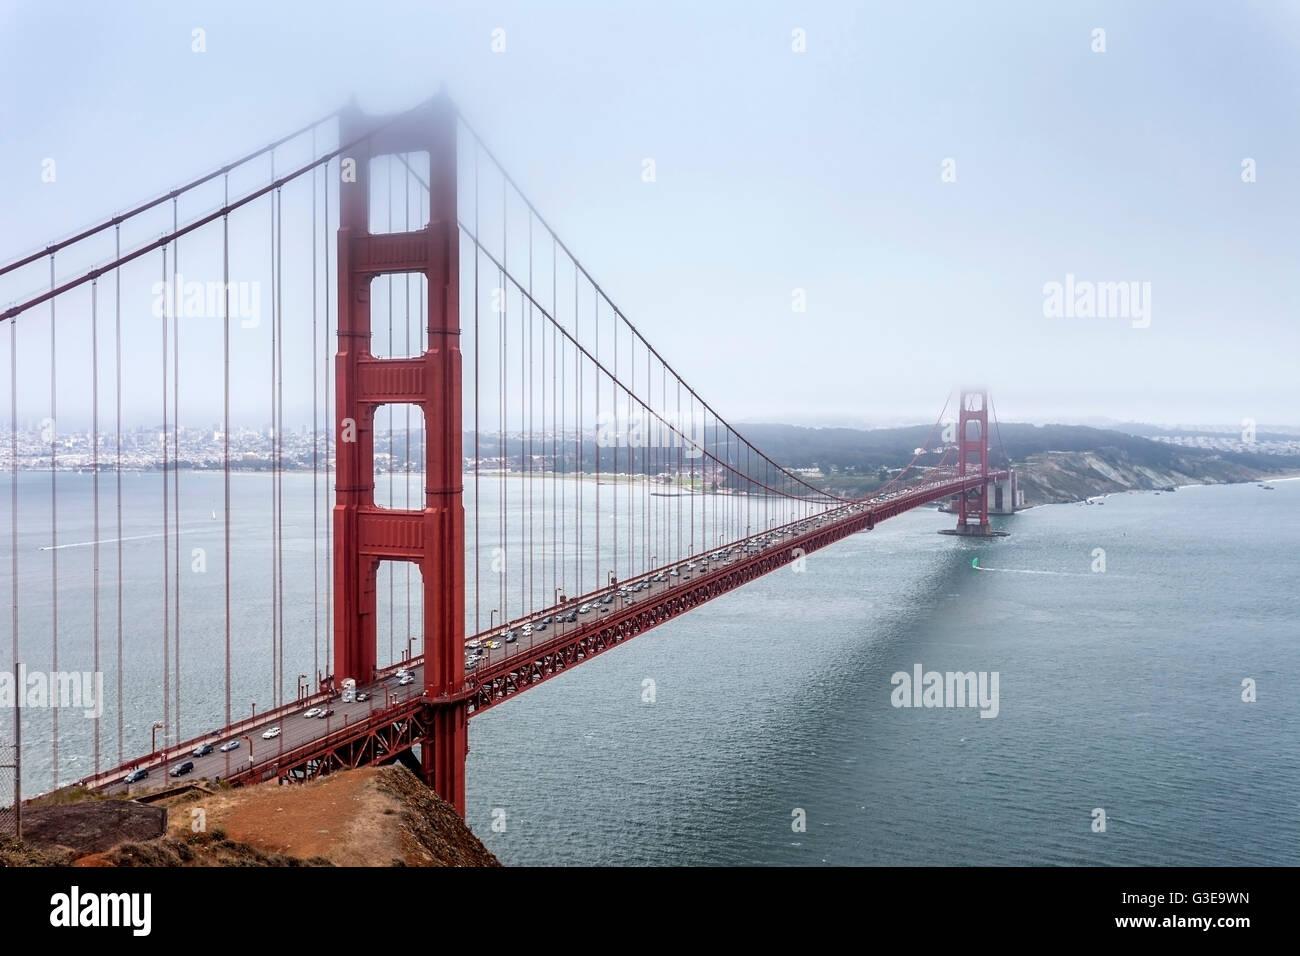 Ein typischer Sommertag an der Golden Gate Bridge. Nebel rollt ein-und während des Tages. Stockbild